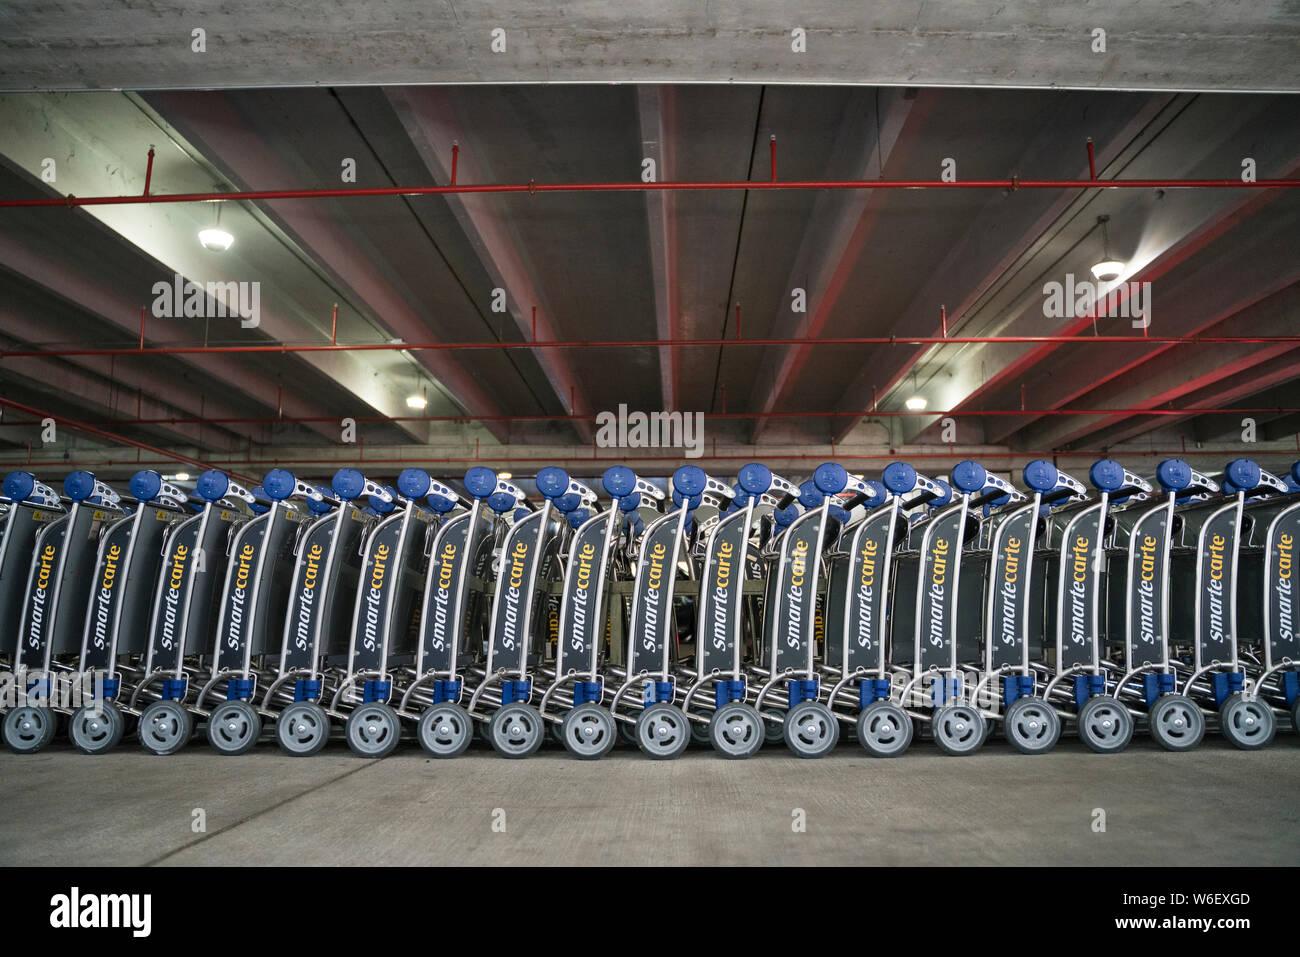 Luggage Trolleys Miami Airport Stock Photo